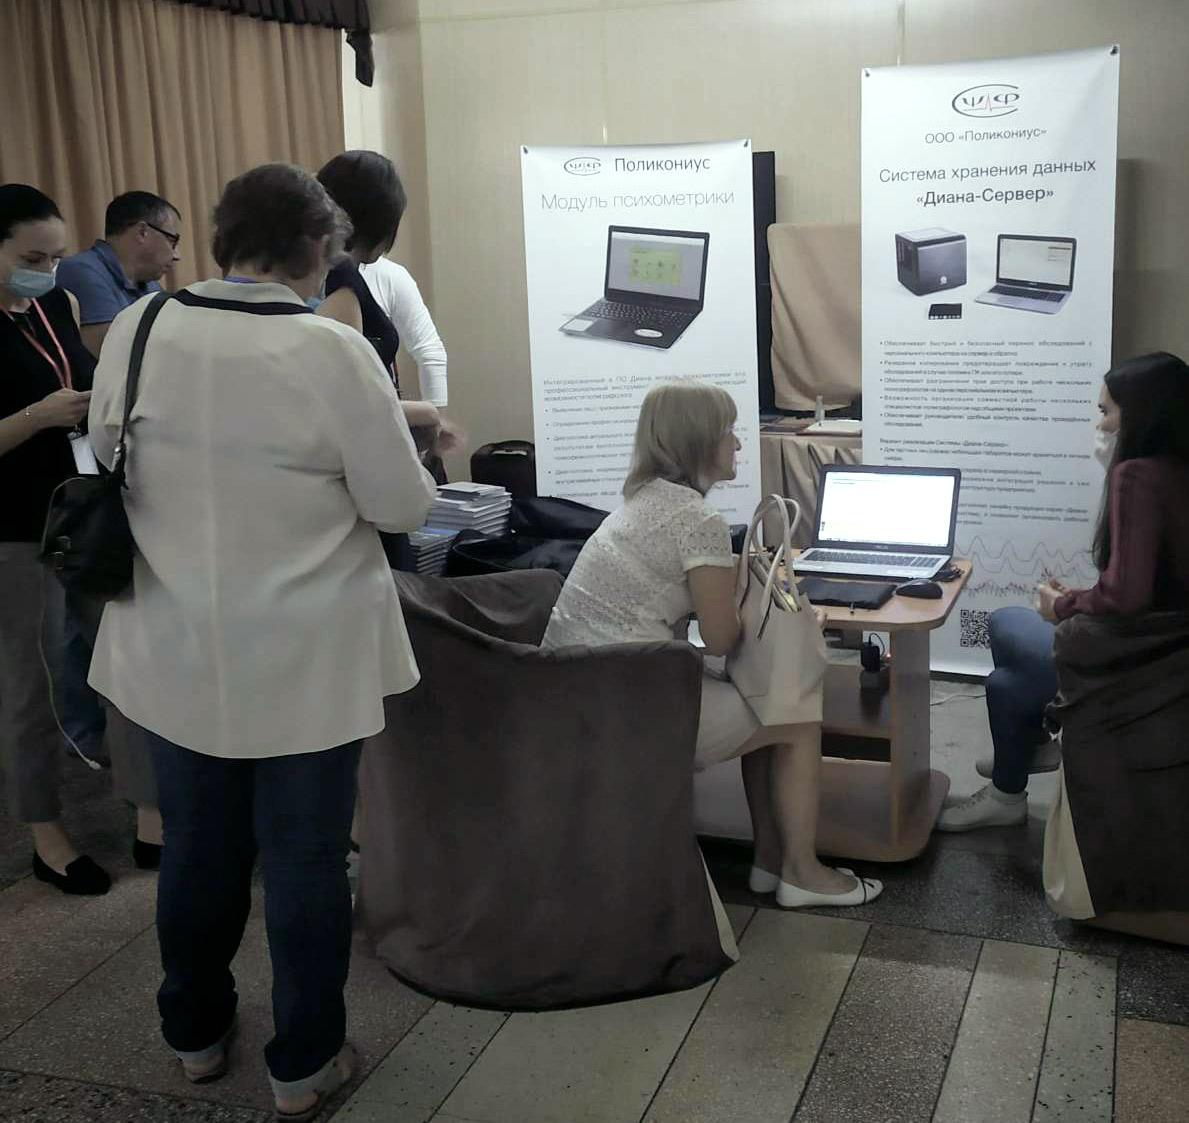 21-я международная научно-практическая конференция полиграфологов